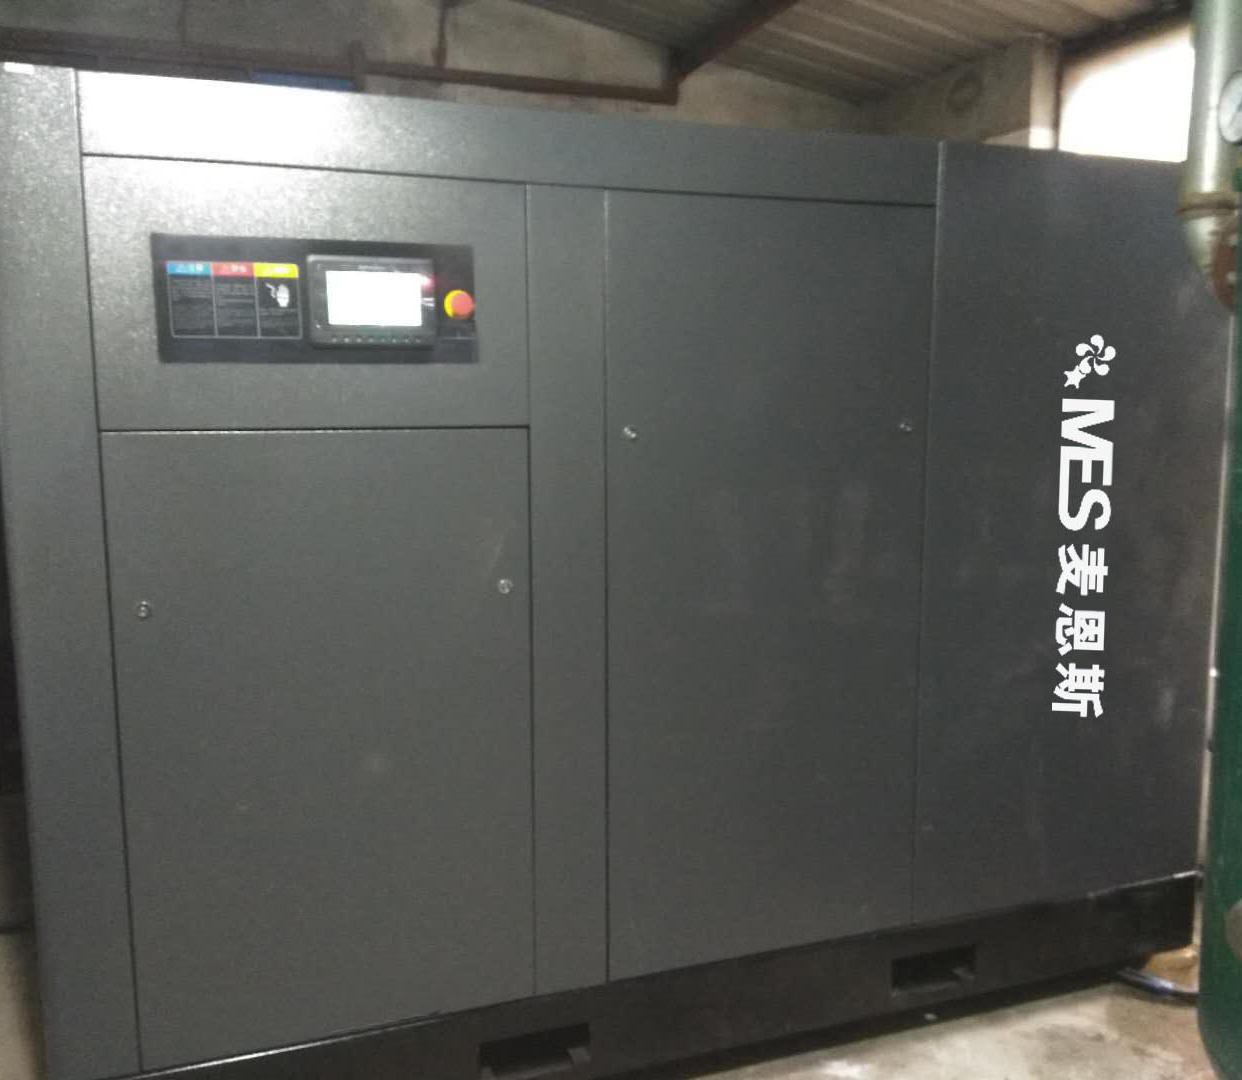 苏州太仓加弹机75KW低压空压机节能改造项目